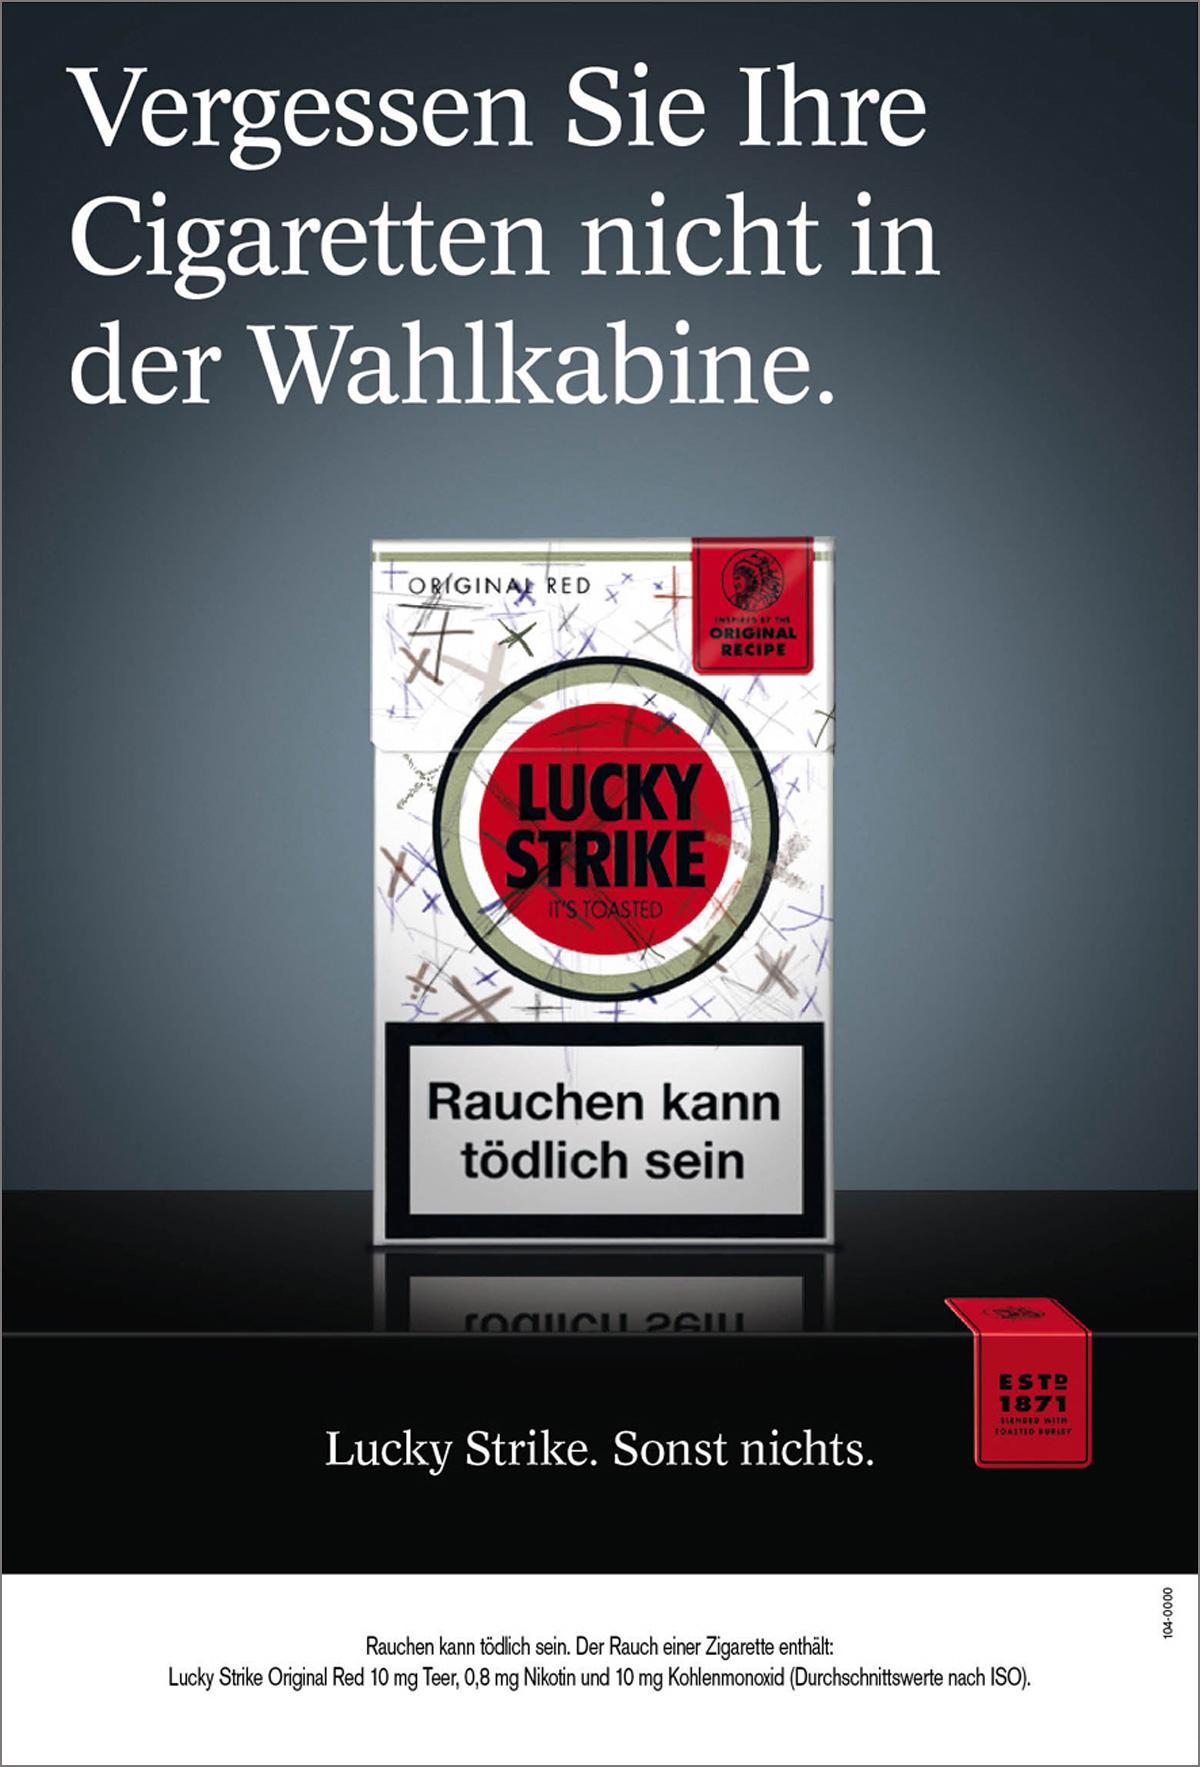 Motiv_10_LuckyStrikeKlassiker